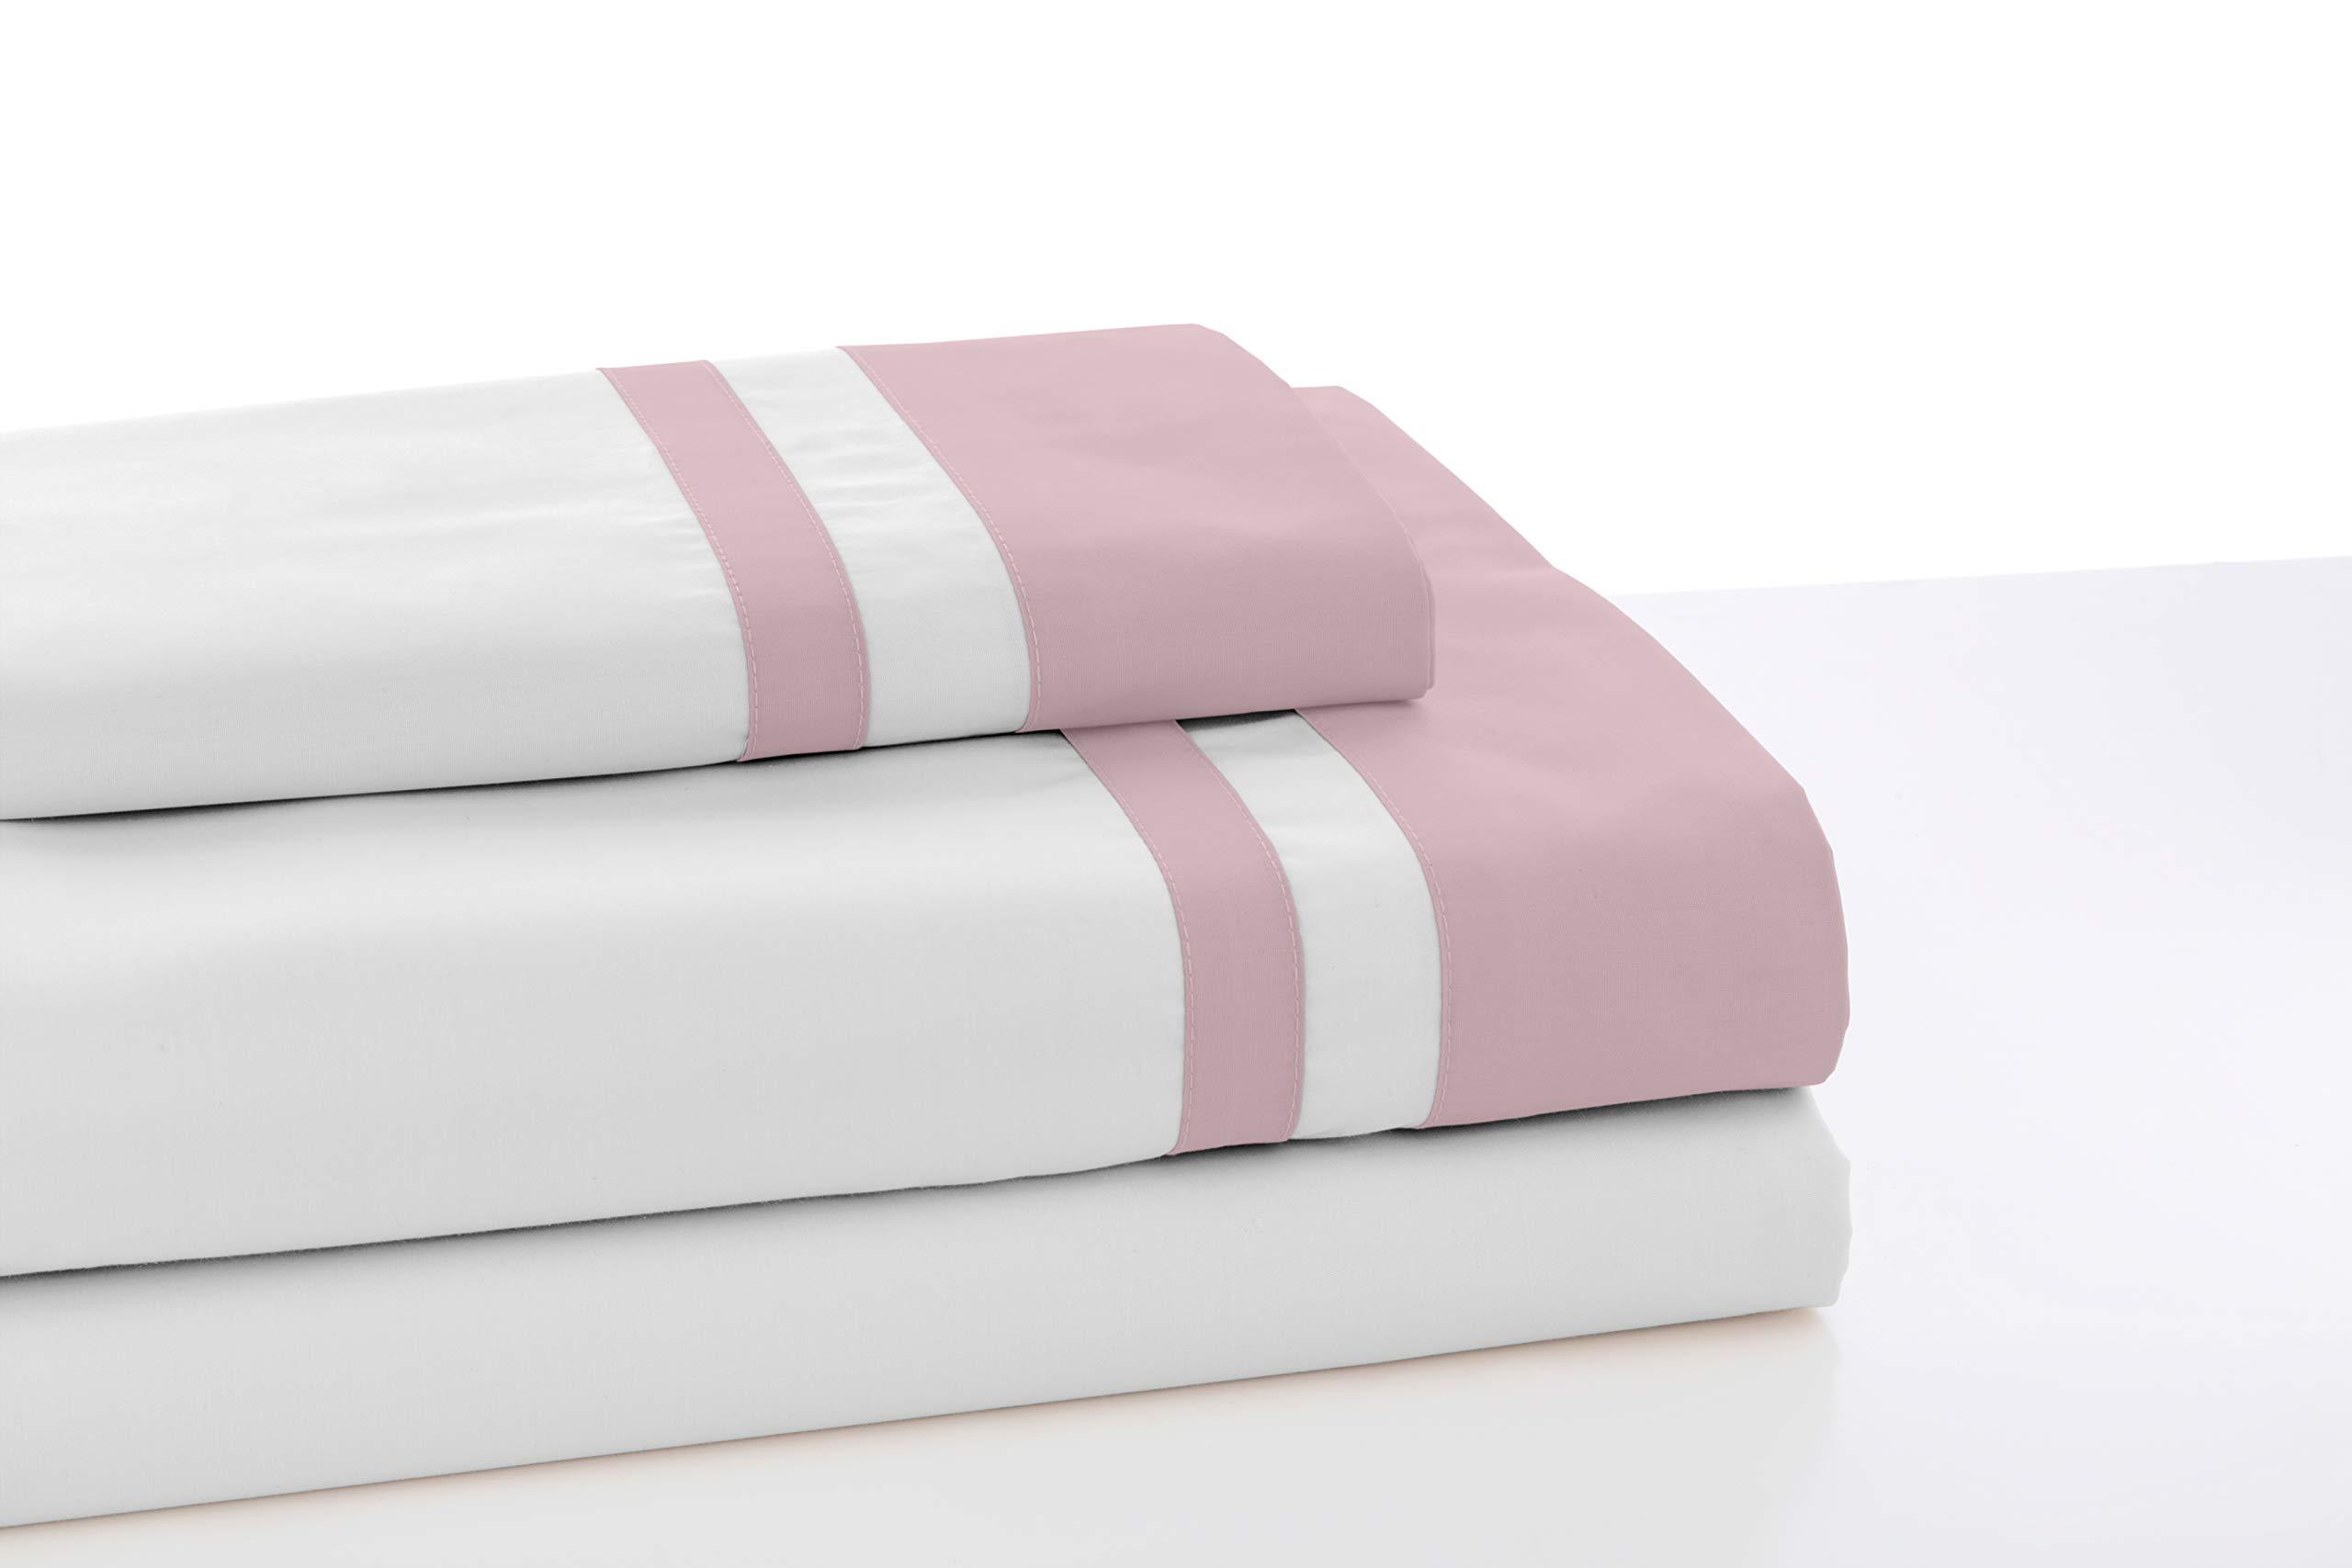 ESTELIA - Juego de sábanas Color Blanco con Detalle Rosa - Cama de 150 (4 Piezas) -100% algodón - 300 Hilos - Satén: Amazon.es: Hogar